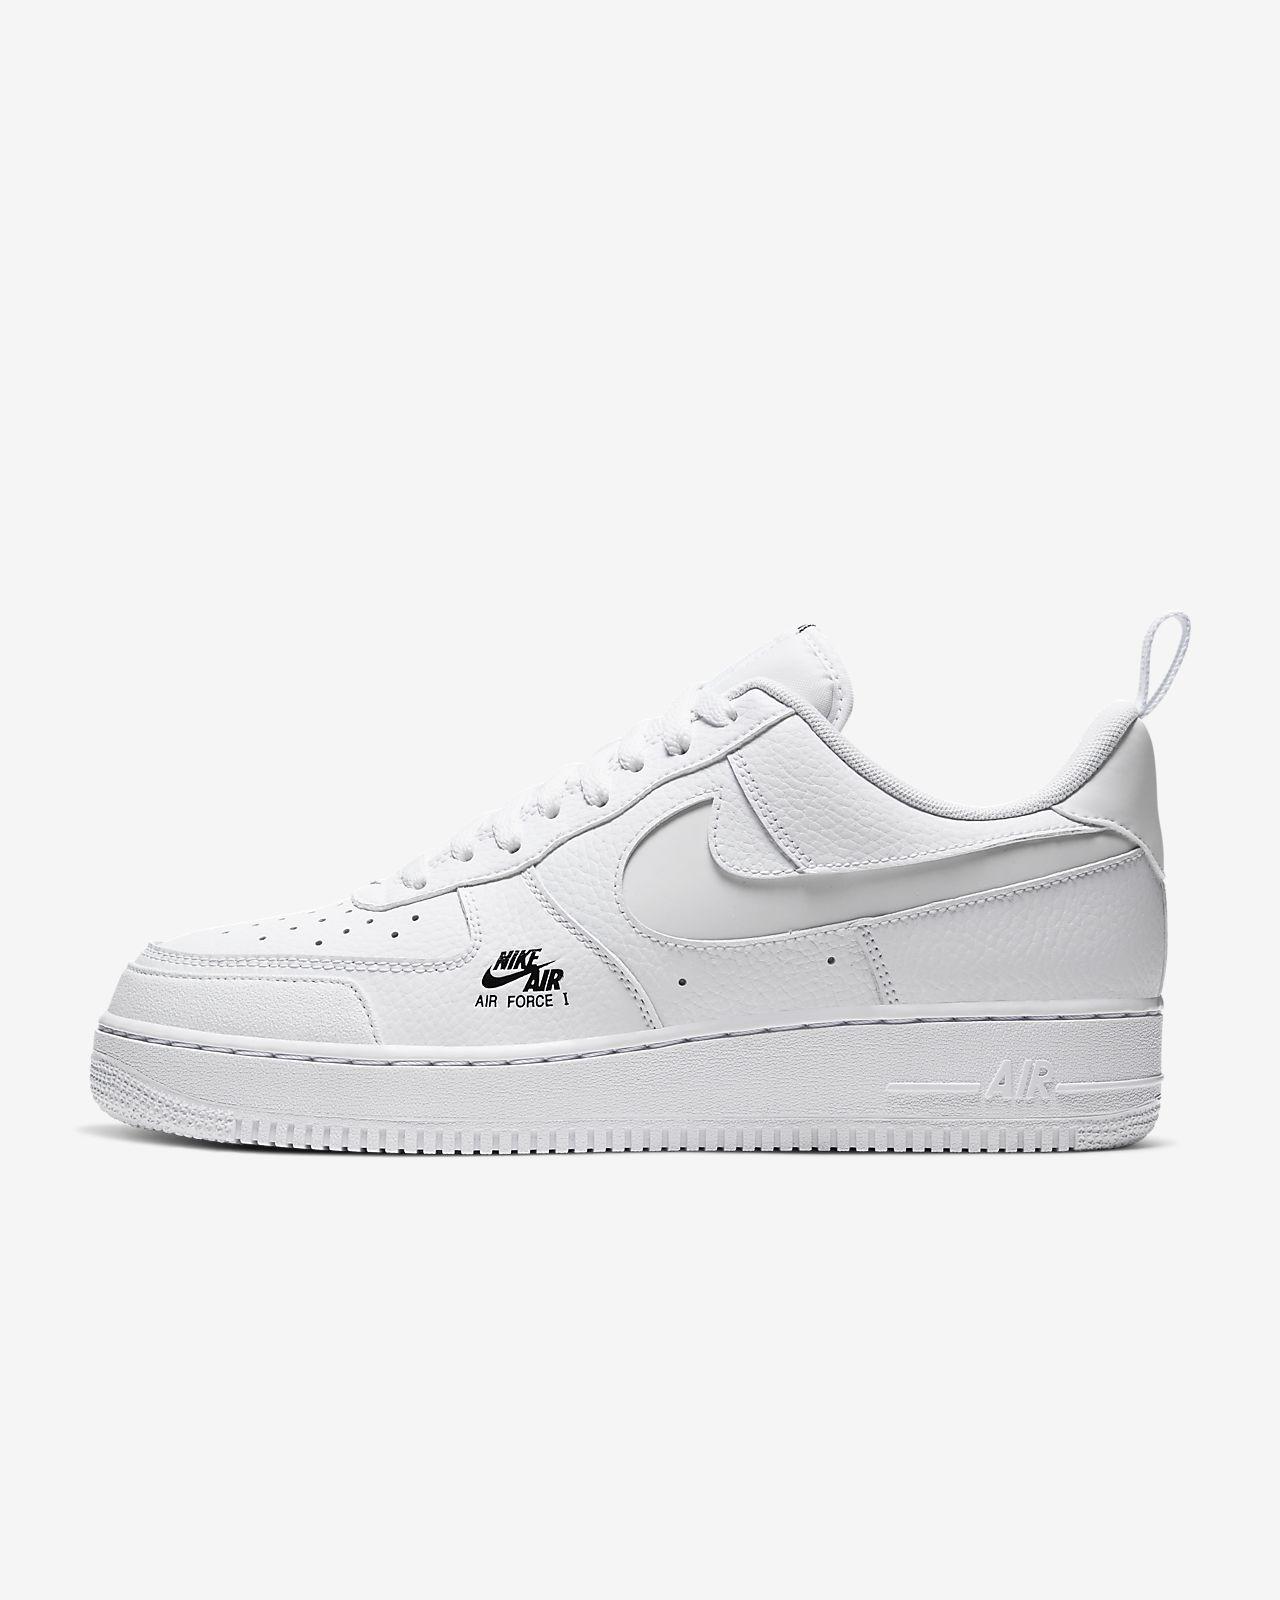 Nike Force 1 Utility Negro Shopping 1cefa 625d9